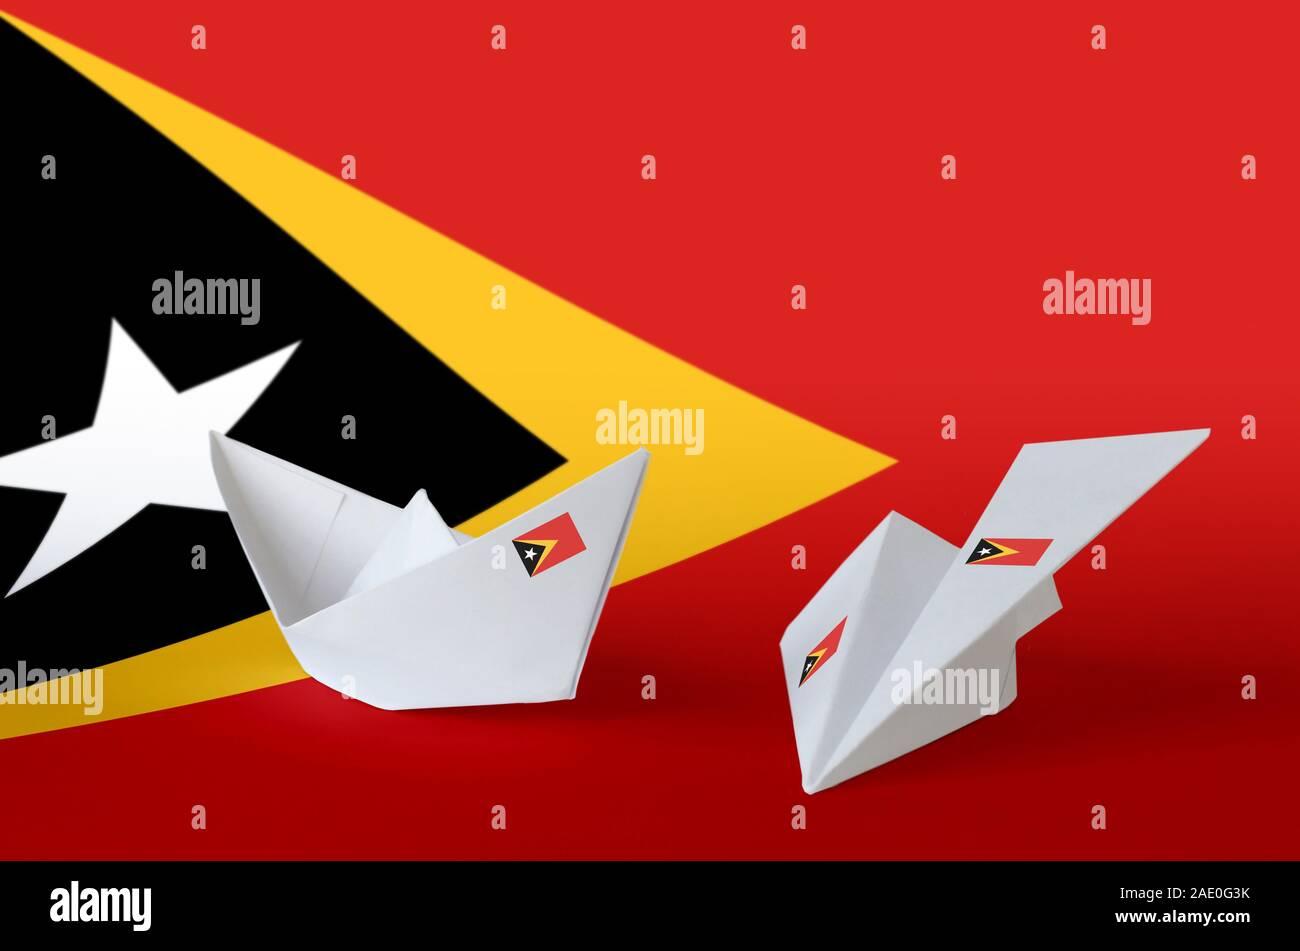 Drapeau Timor Leste représentés sur l'origami papier avion et bateau. Concept arts artisanaux orientaux Banque D'Images